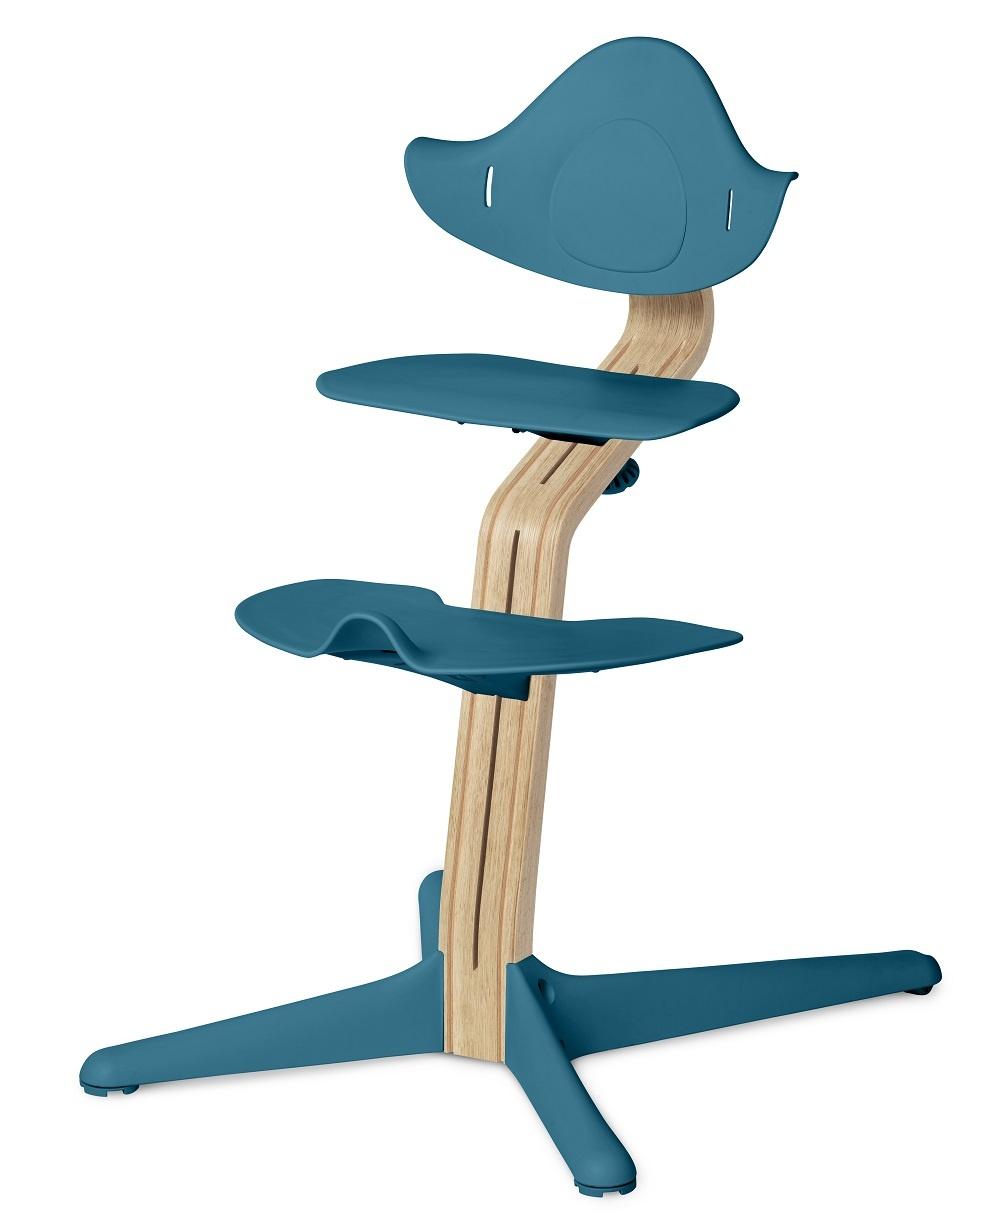 Nomi NOMI highchair meegroeistoel Basis eiken wit oiled en stoel Ocean Blue